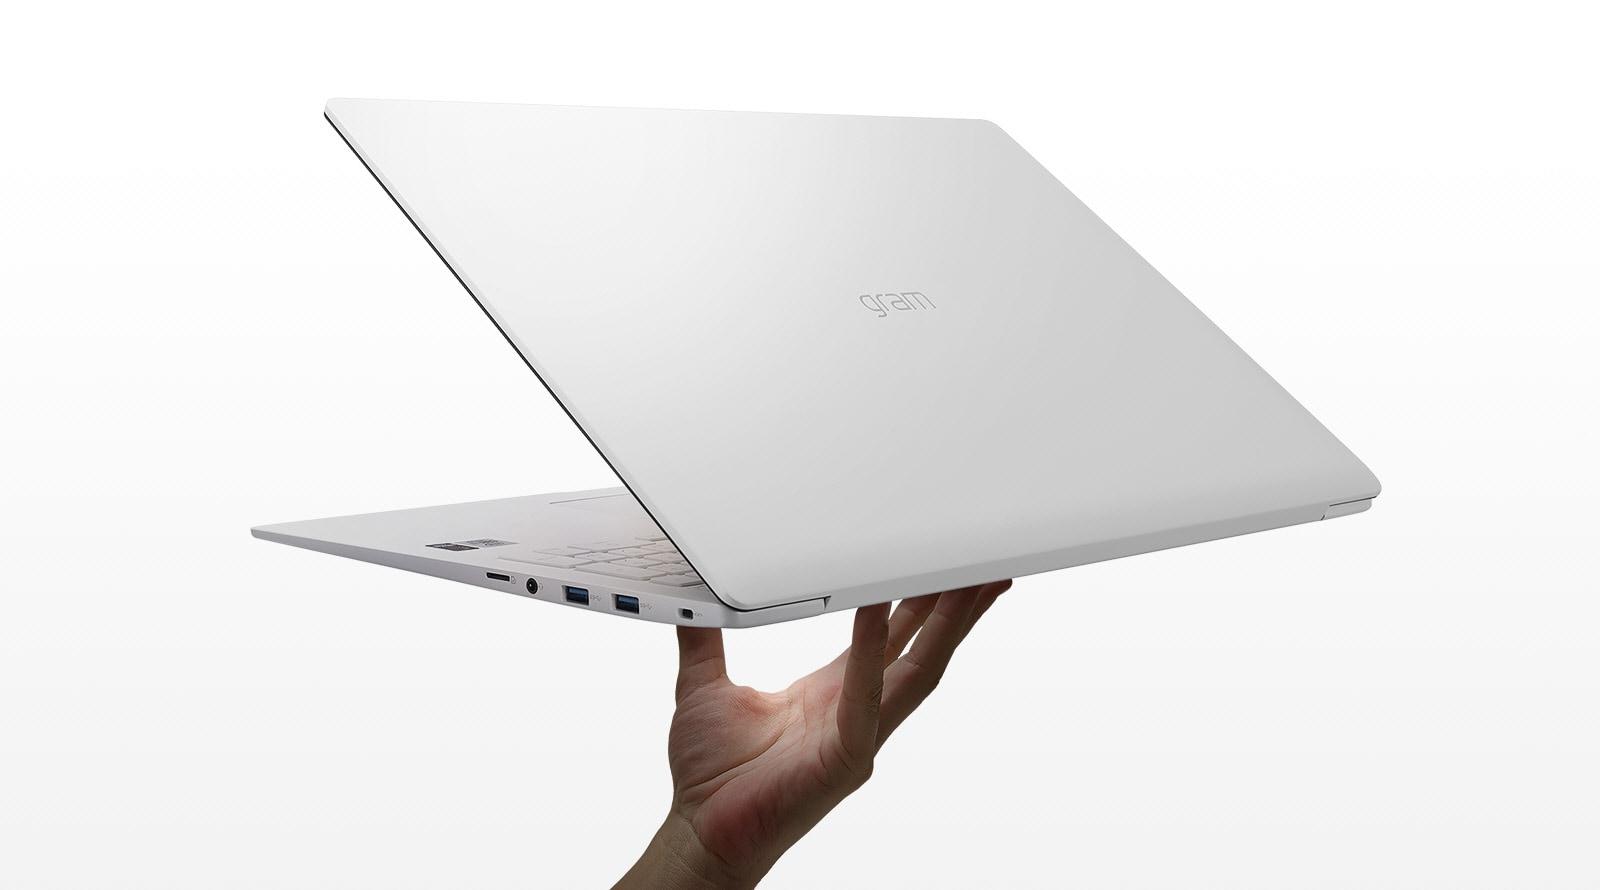 17 inch gram laptop ultra-lightweight